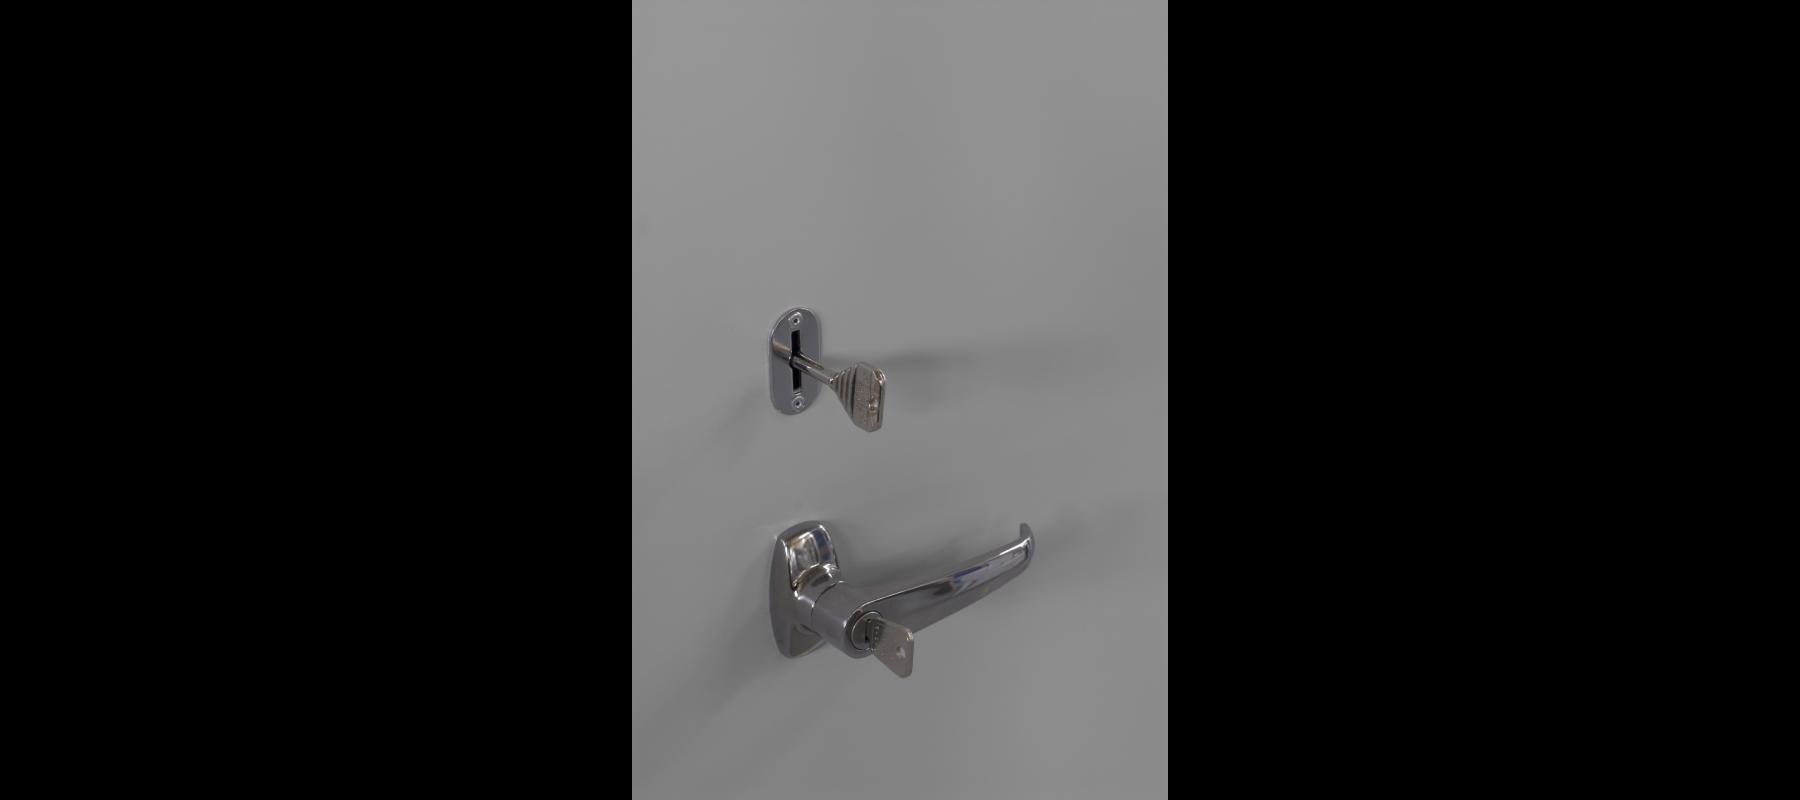 meble metalowe sejfy i szafy pancerne szafy aktowe wzmocnione mw detale - 02